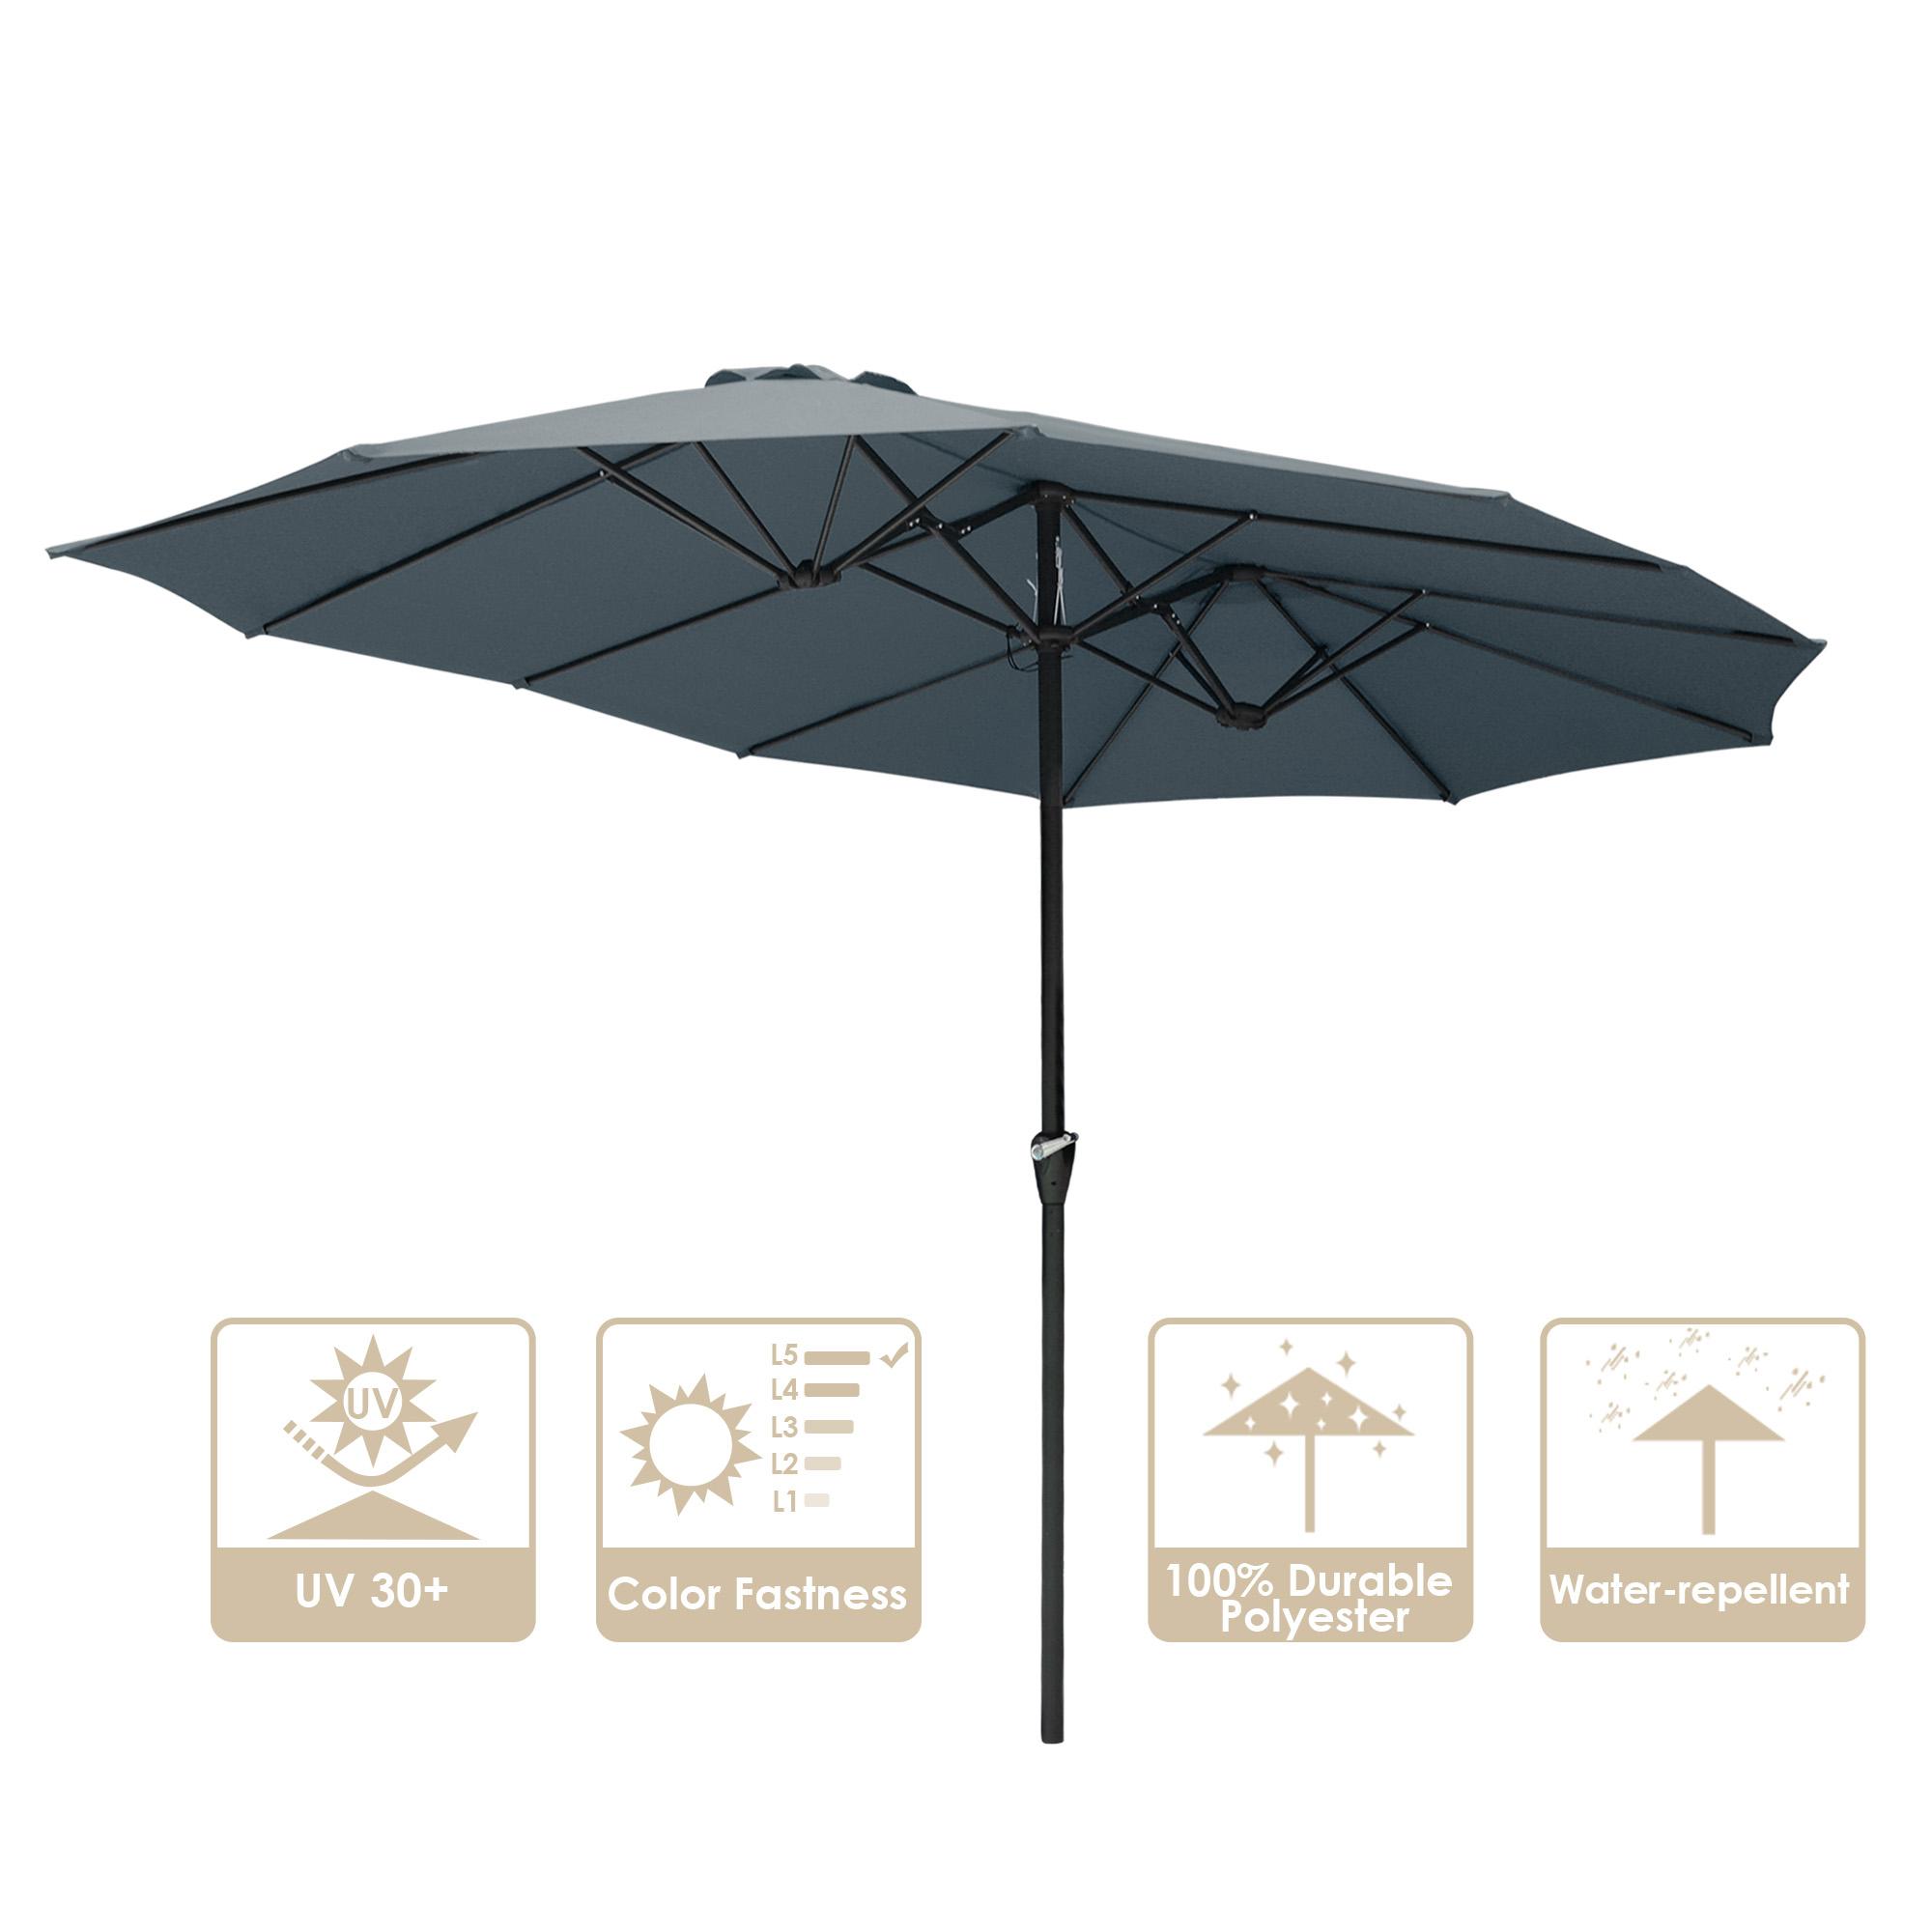 thumbnail 28 - 15ft Patio Twin Umbrella Double-sided Market Crank Outdoor Garden Parasol Shade